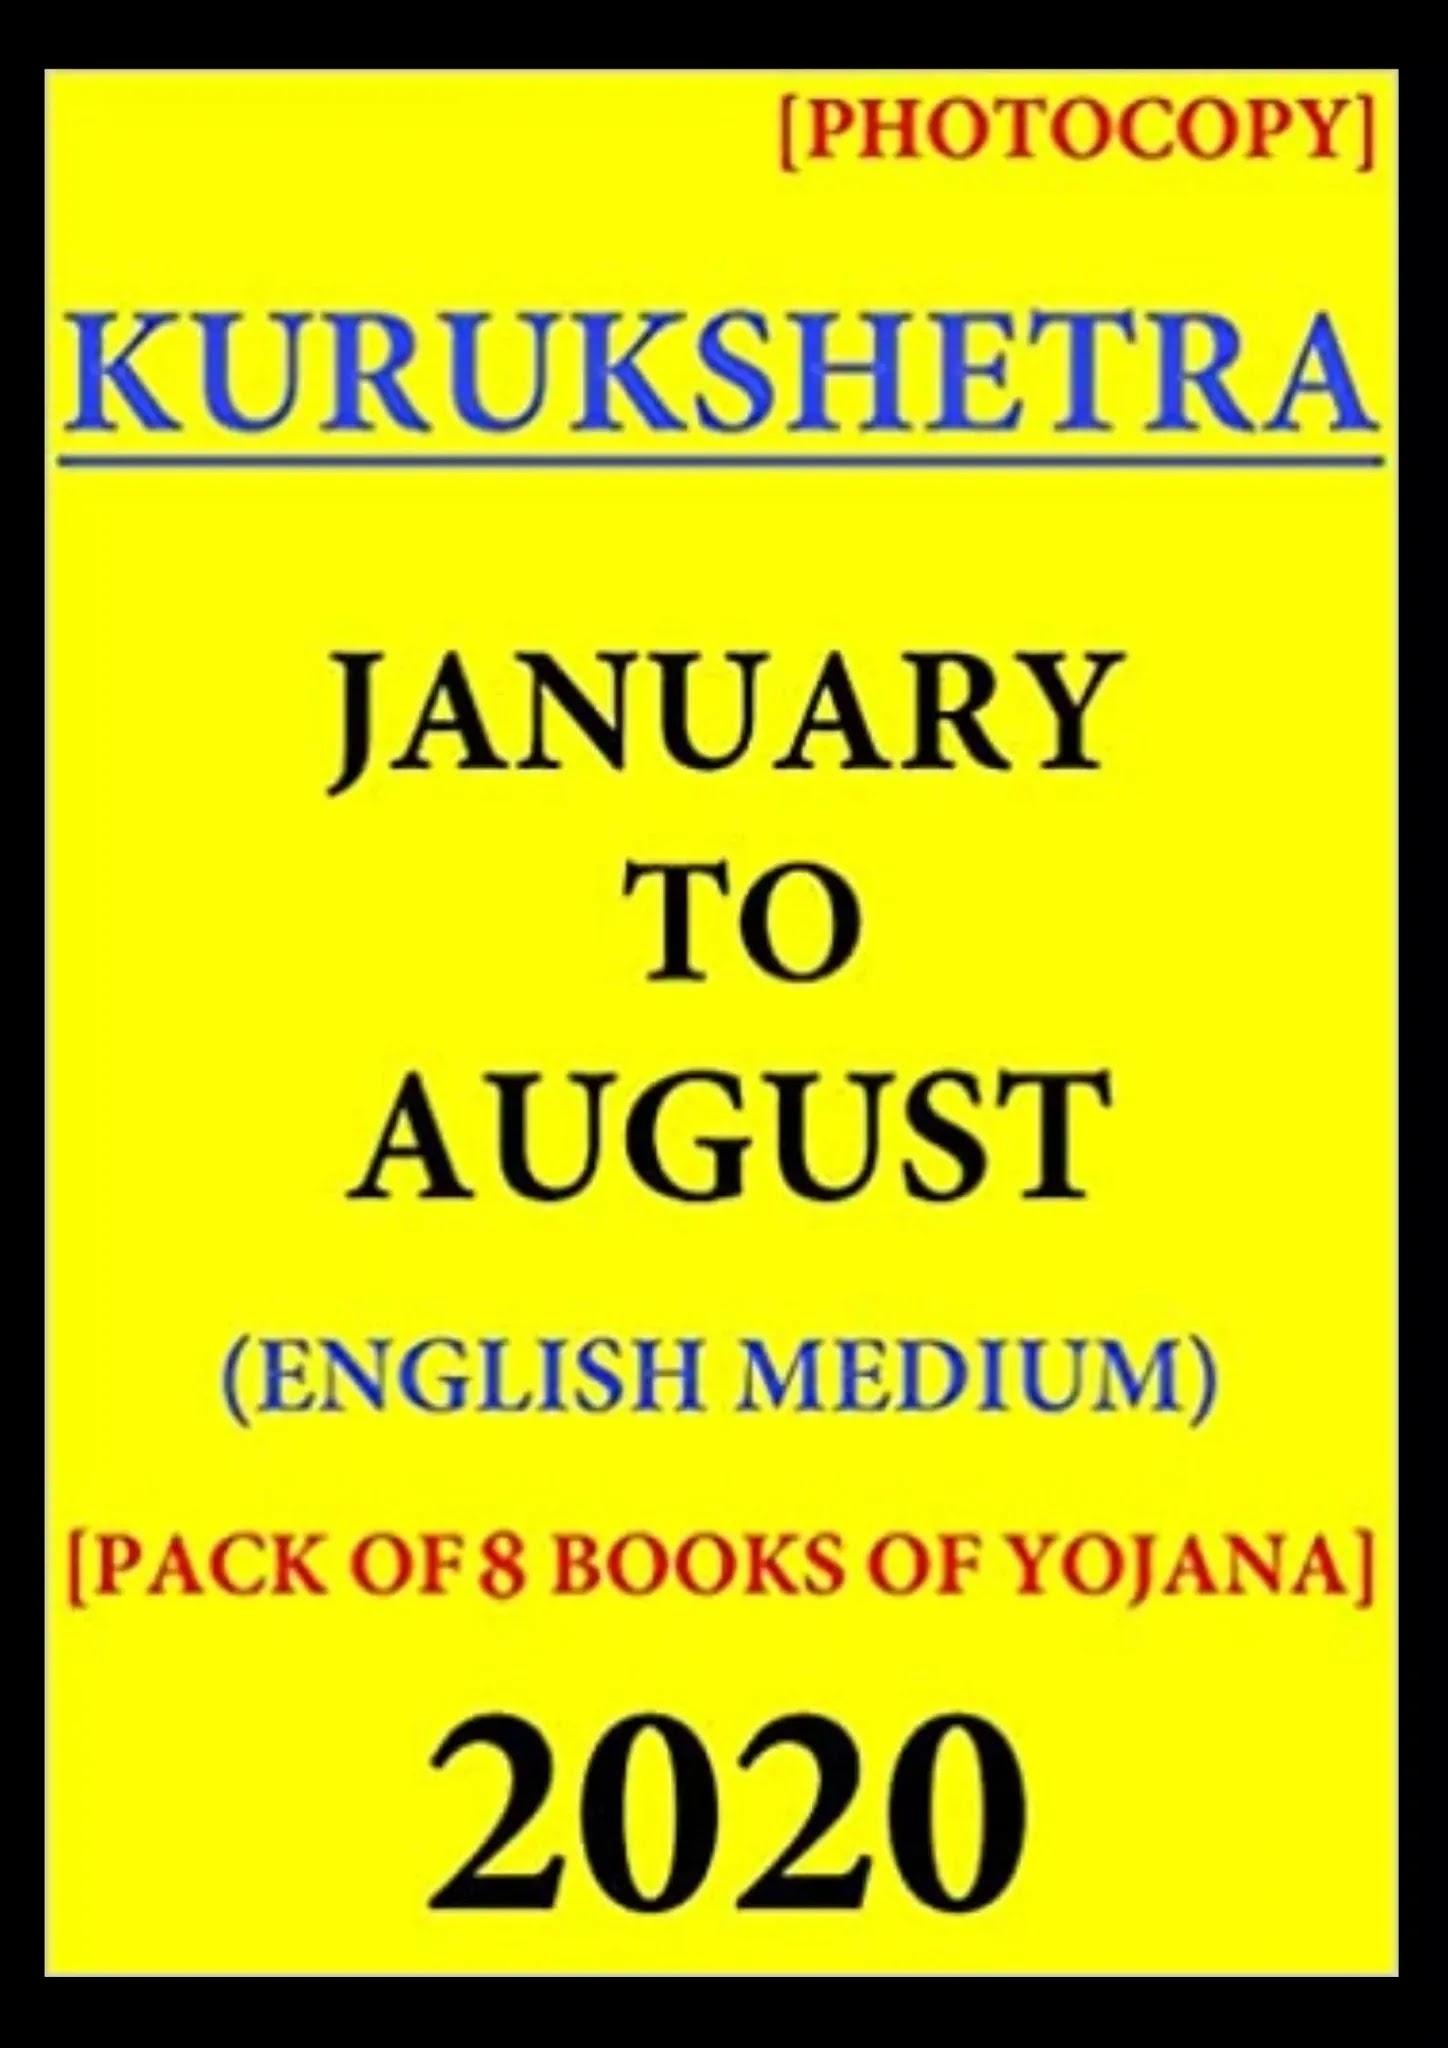 Kurukshetra Magazine January To August - 2020 [pack Of 8 Book Of Kurukshetra] at EasyJobsLive